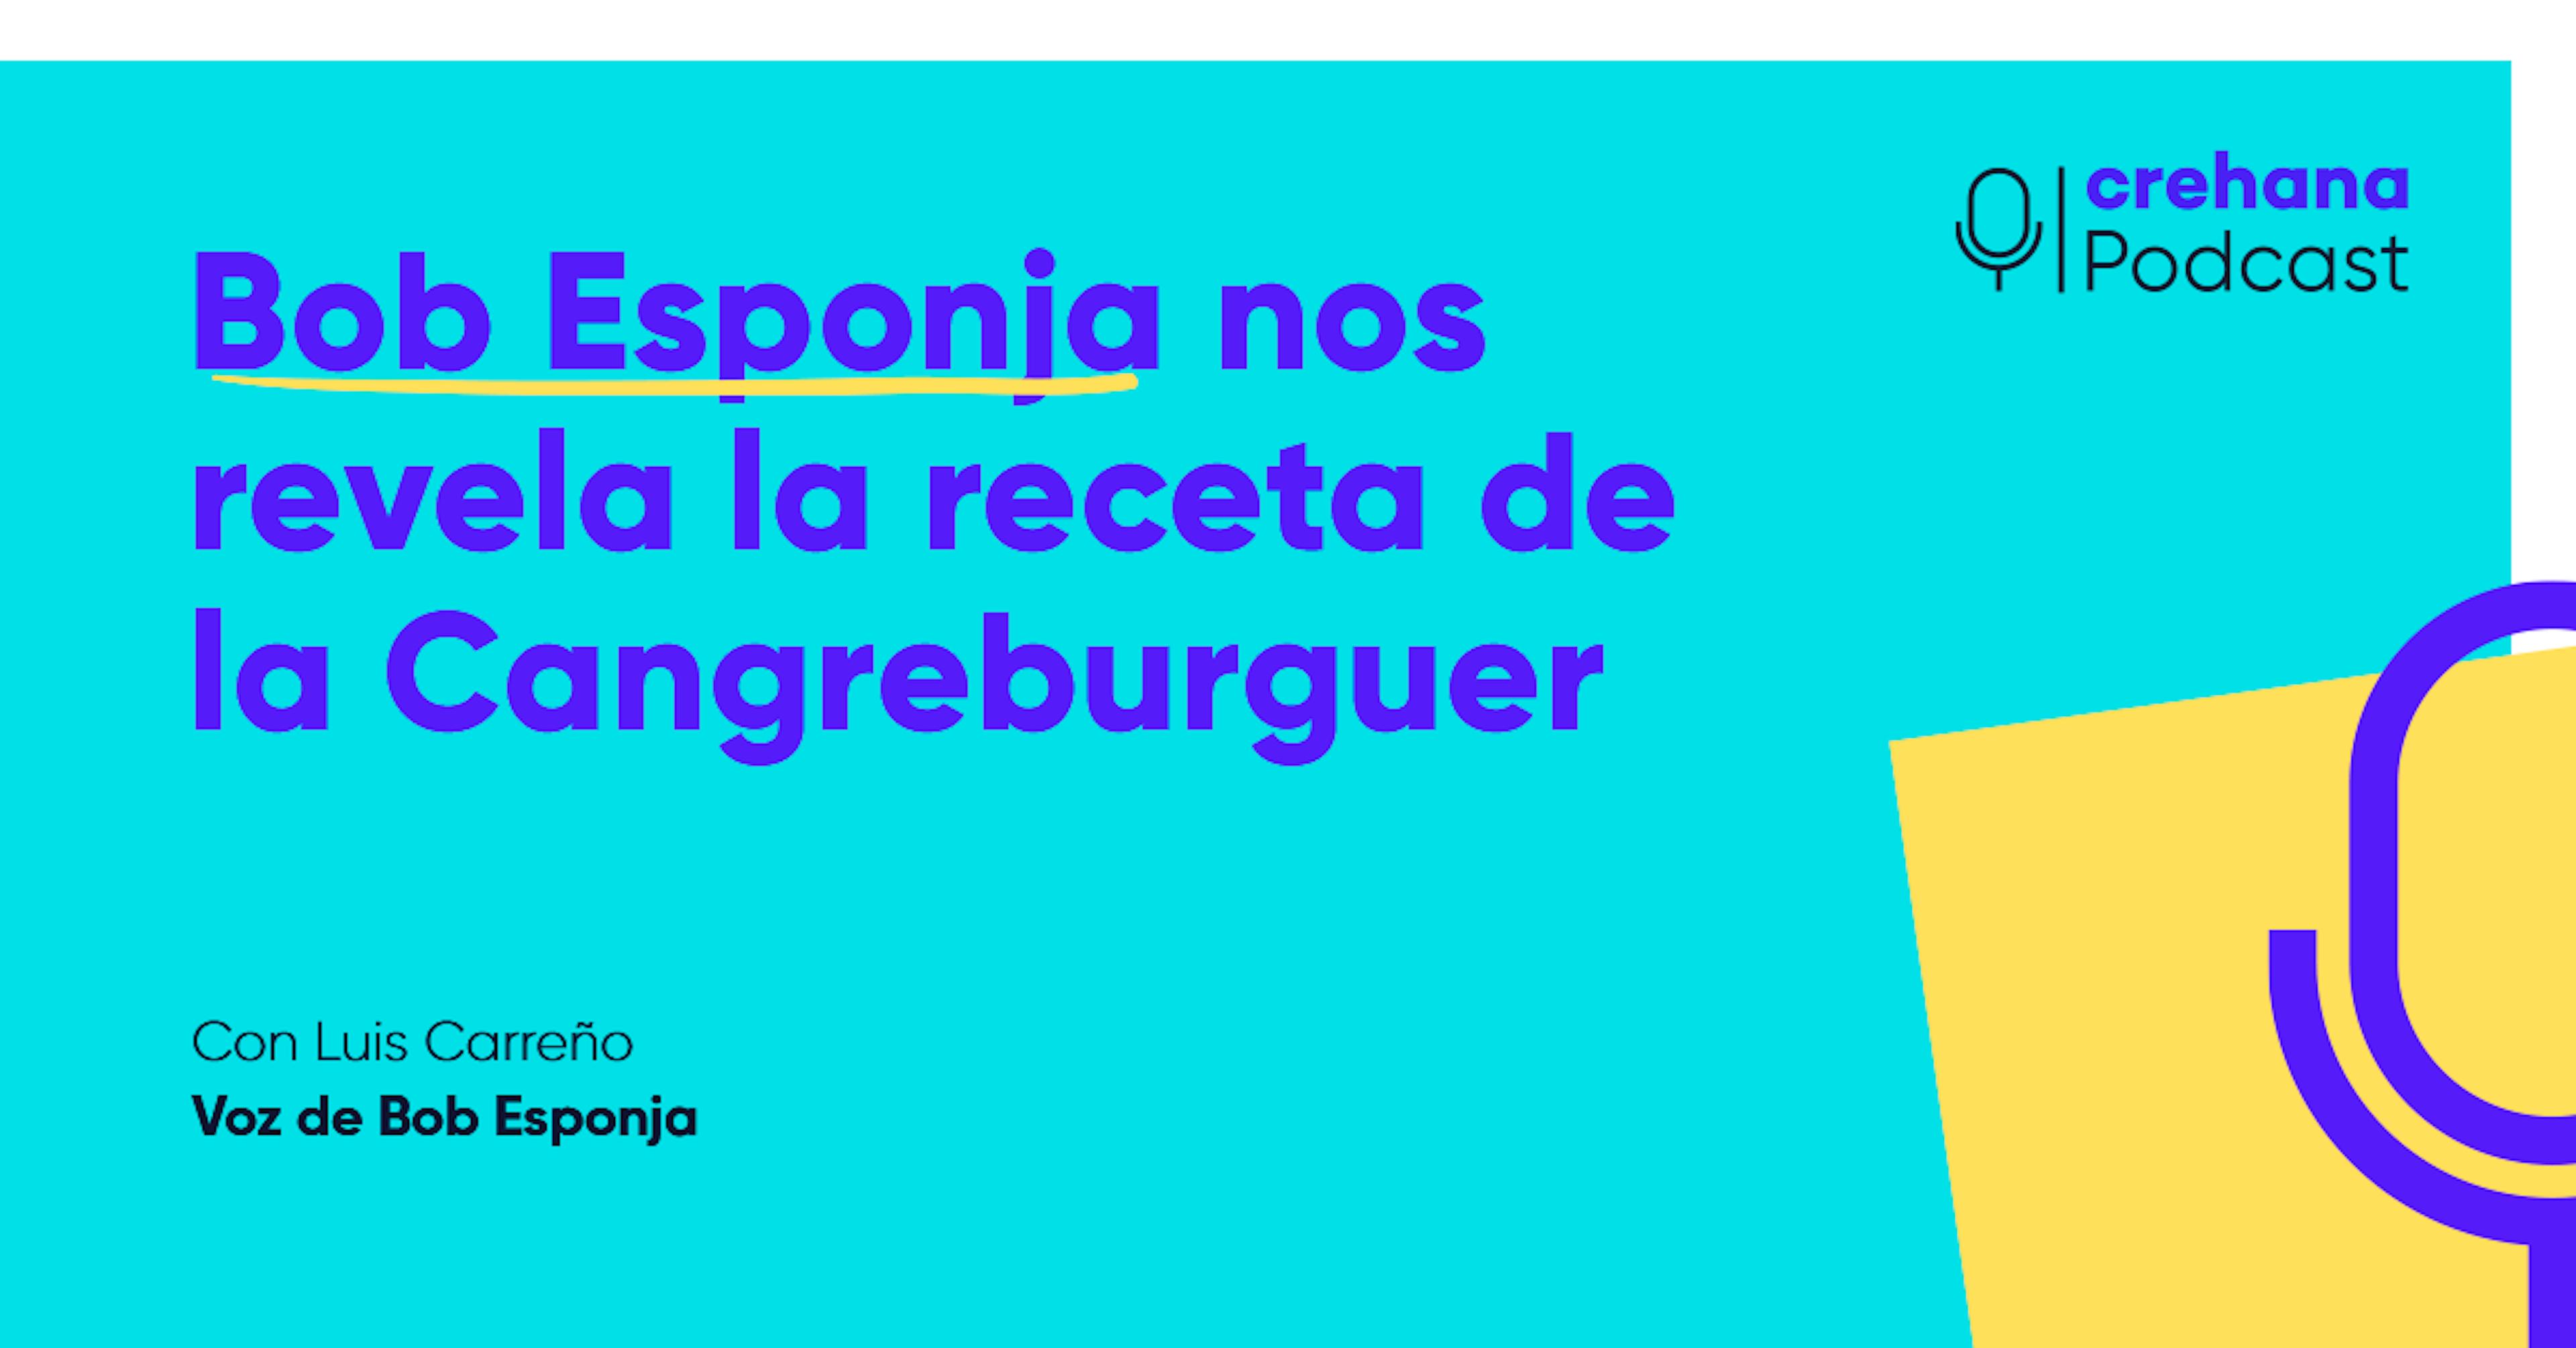 Bob Esponja nos revela la receta secreta de la cangreburguer